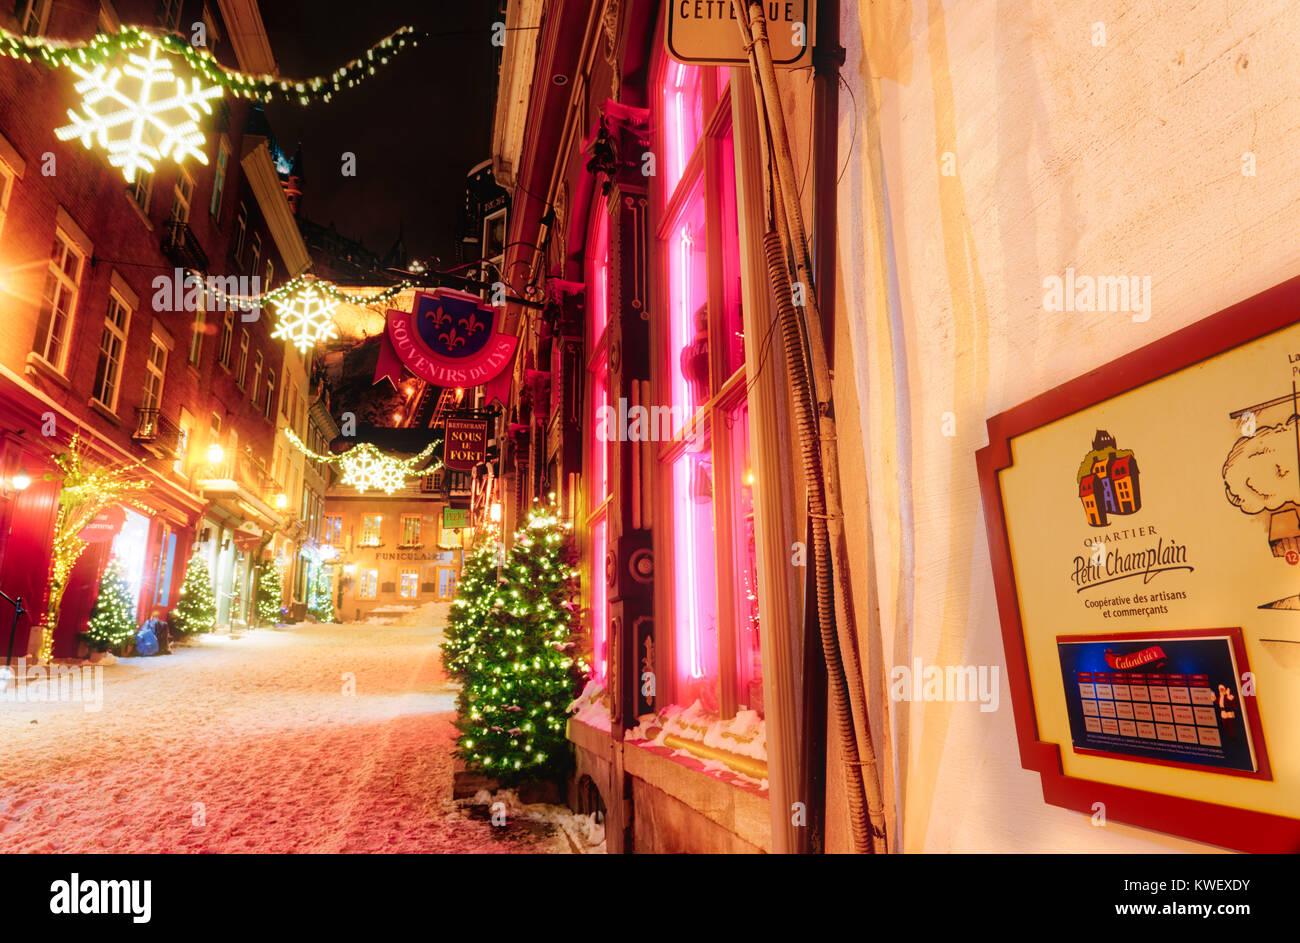 Cafe Jules Quebec City